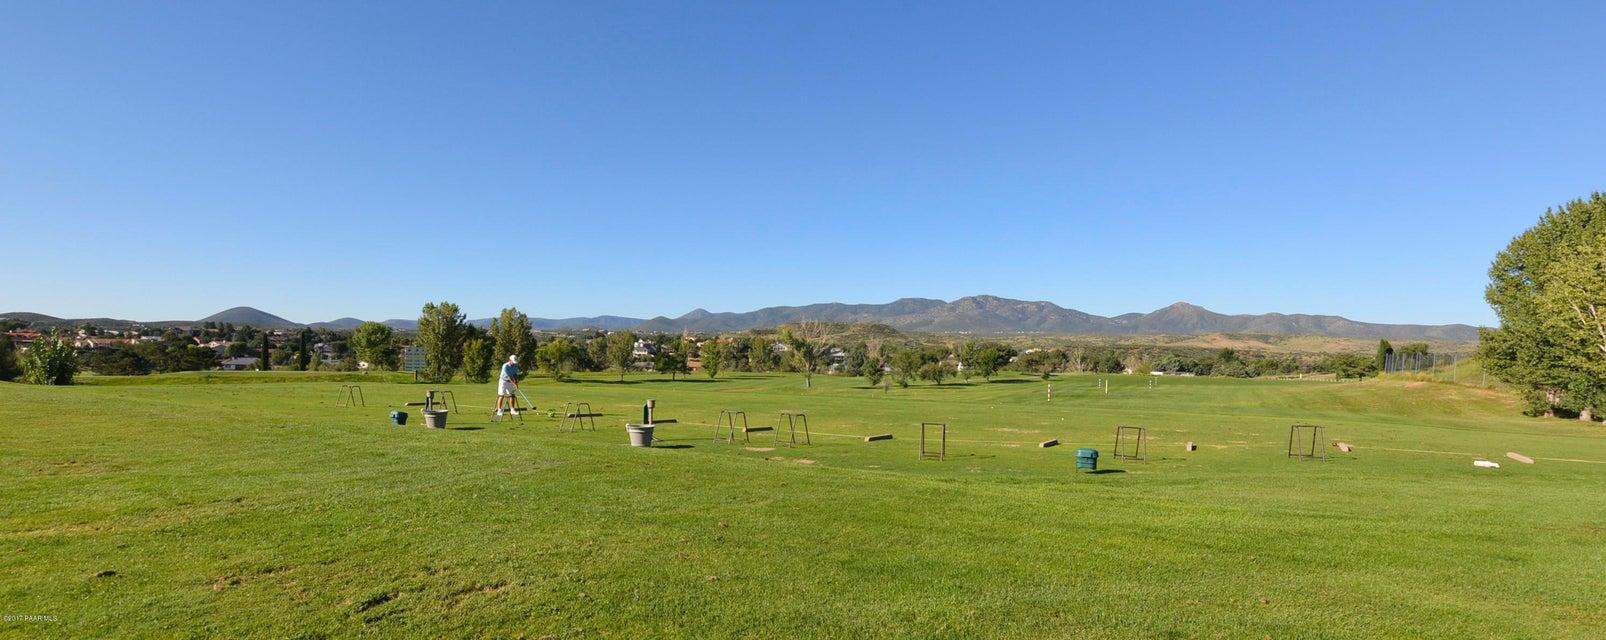 11712 Longhorn Drive Dewey-Humboldt, AZ 86327 - MLS #: 1006871